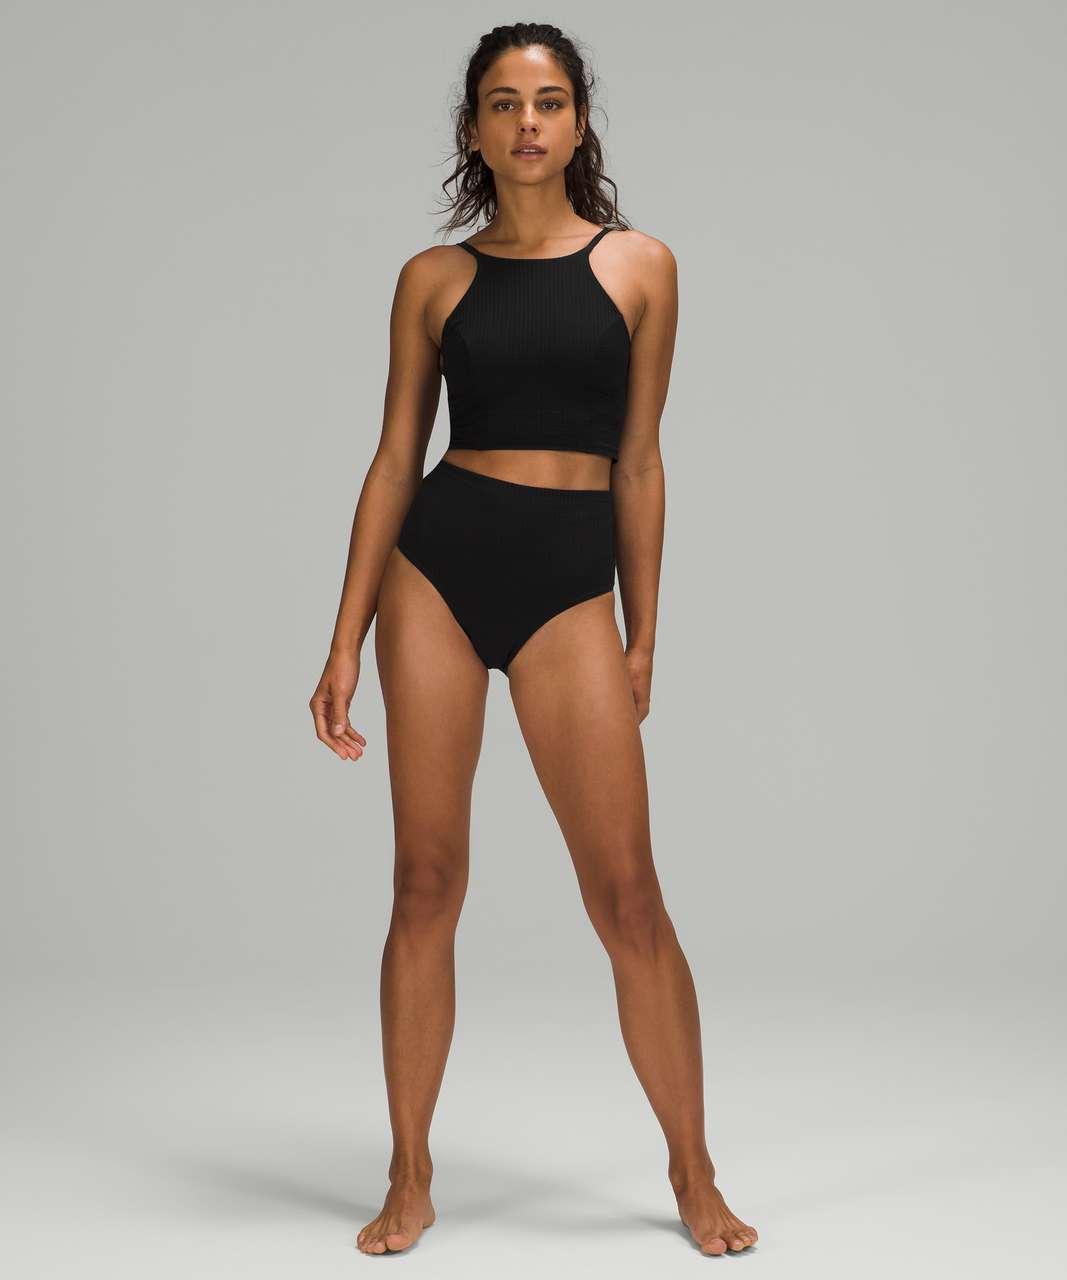 Lululemon Seersucker High-Neck Long-Line Swim Top *C/D Cups - Black